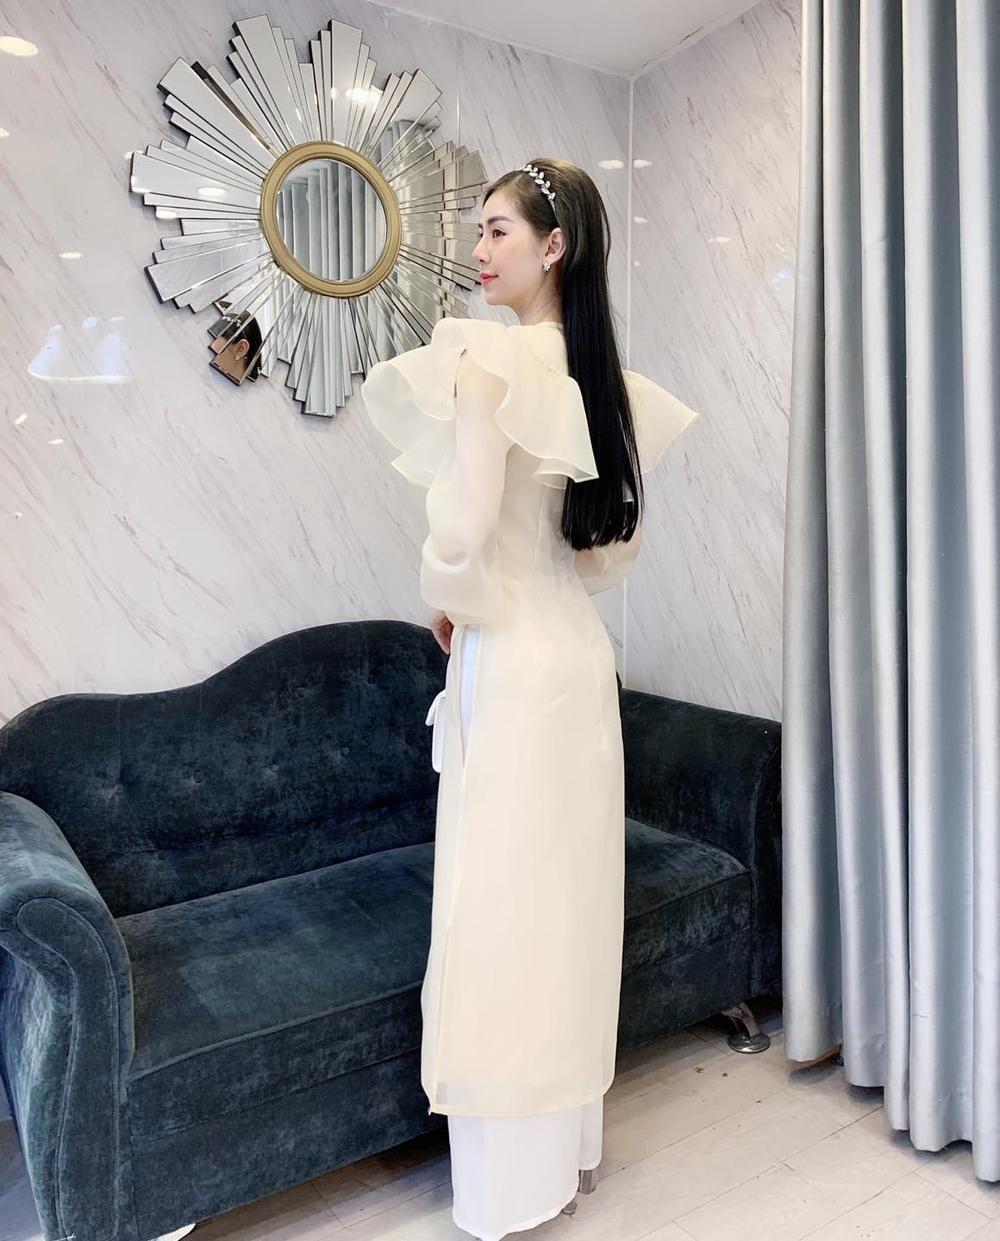 'Solist - Thời Trang Thiết Kế' điểm hẹn thời trang được lòng quý cô thời thượng Ảnh 3